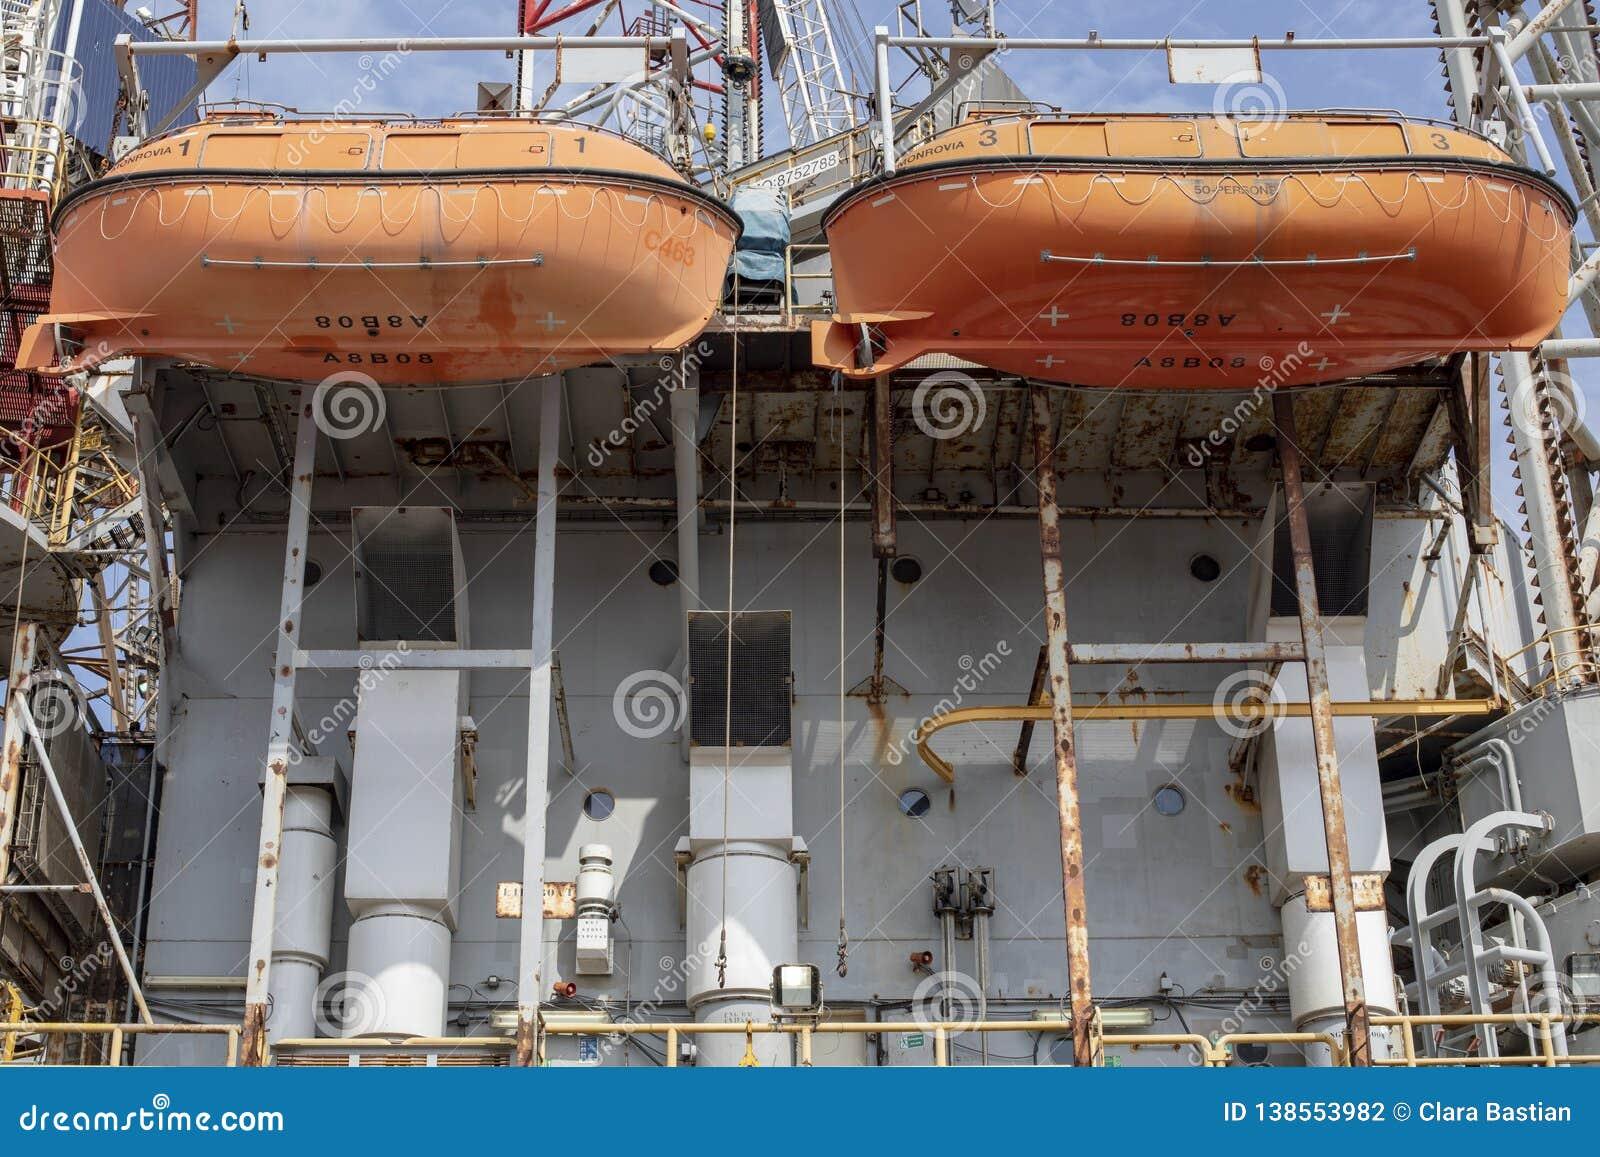 Zwei orange Rettungsboote, die am rostigen Containerschiff hängen